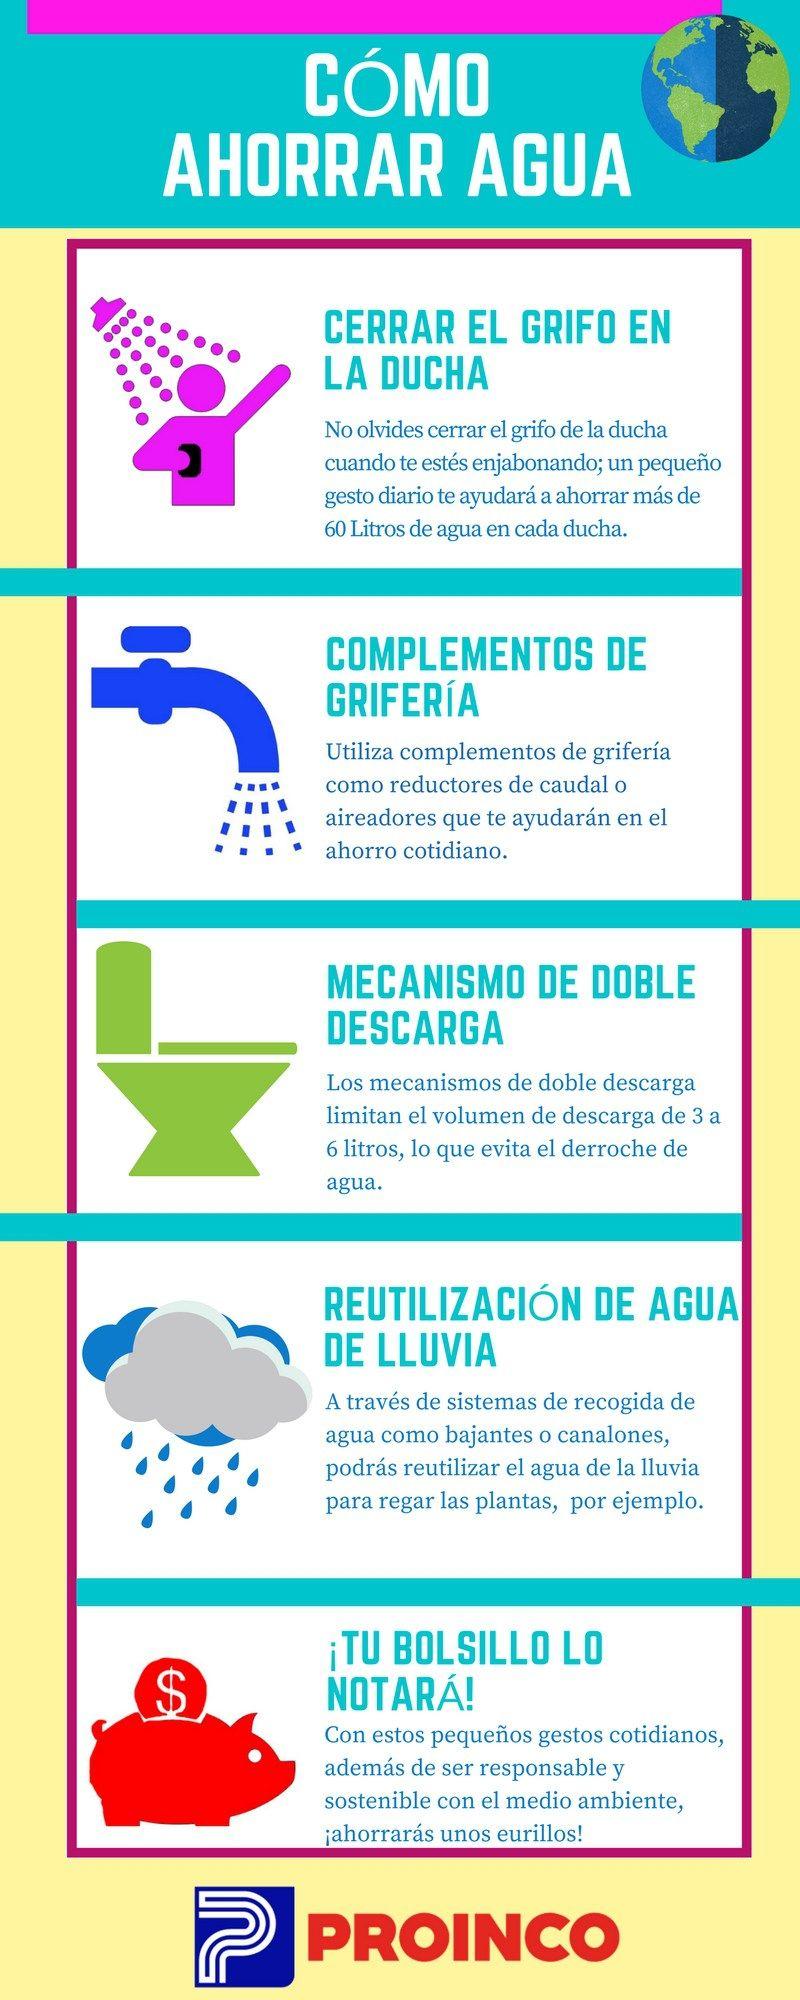 Infograf a de c mo ahorrar agua en casa ba os for Ideas para ahorrar agua